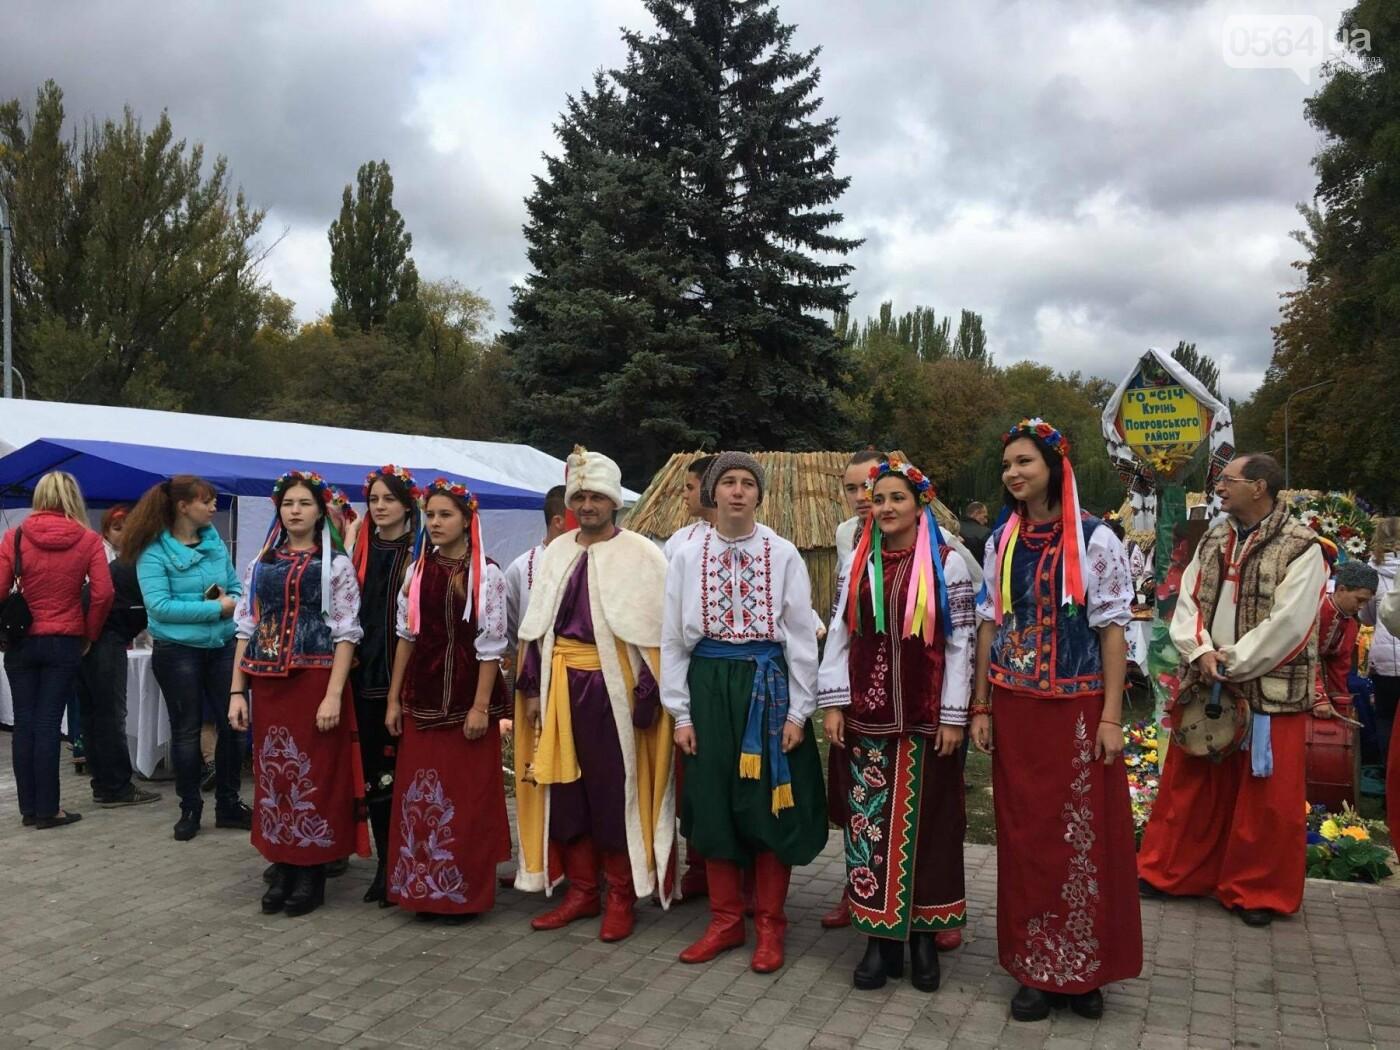 Тысячи криворожан отмечают День украинского козачества на Фестивале в парке Героев (ФОТО, ВИДЕО), фото-16